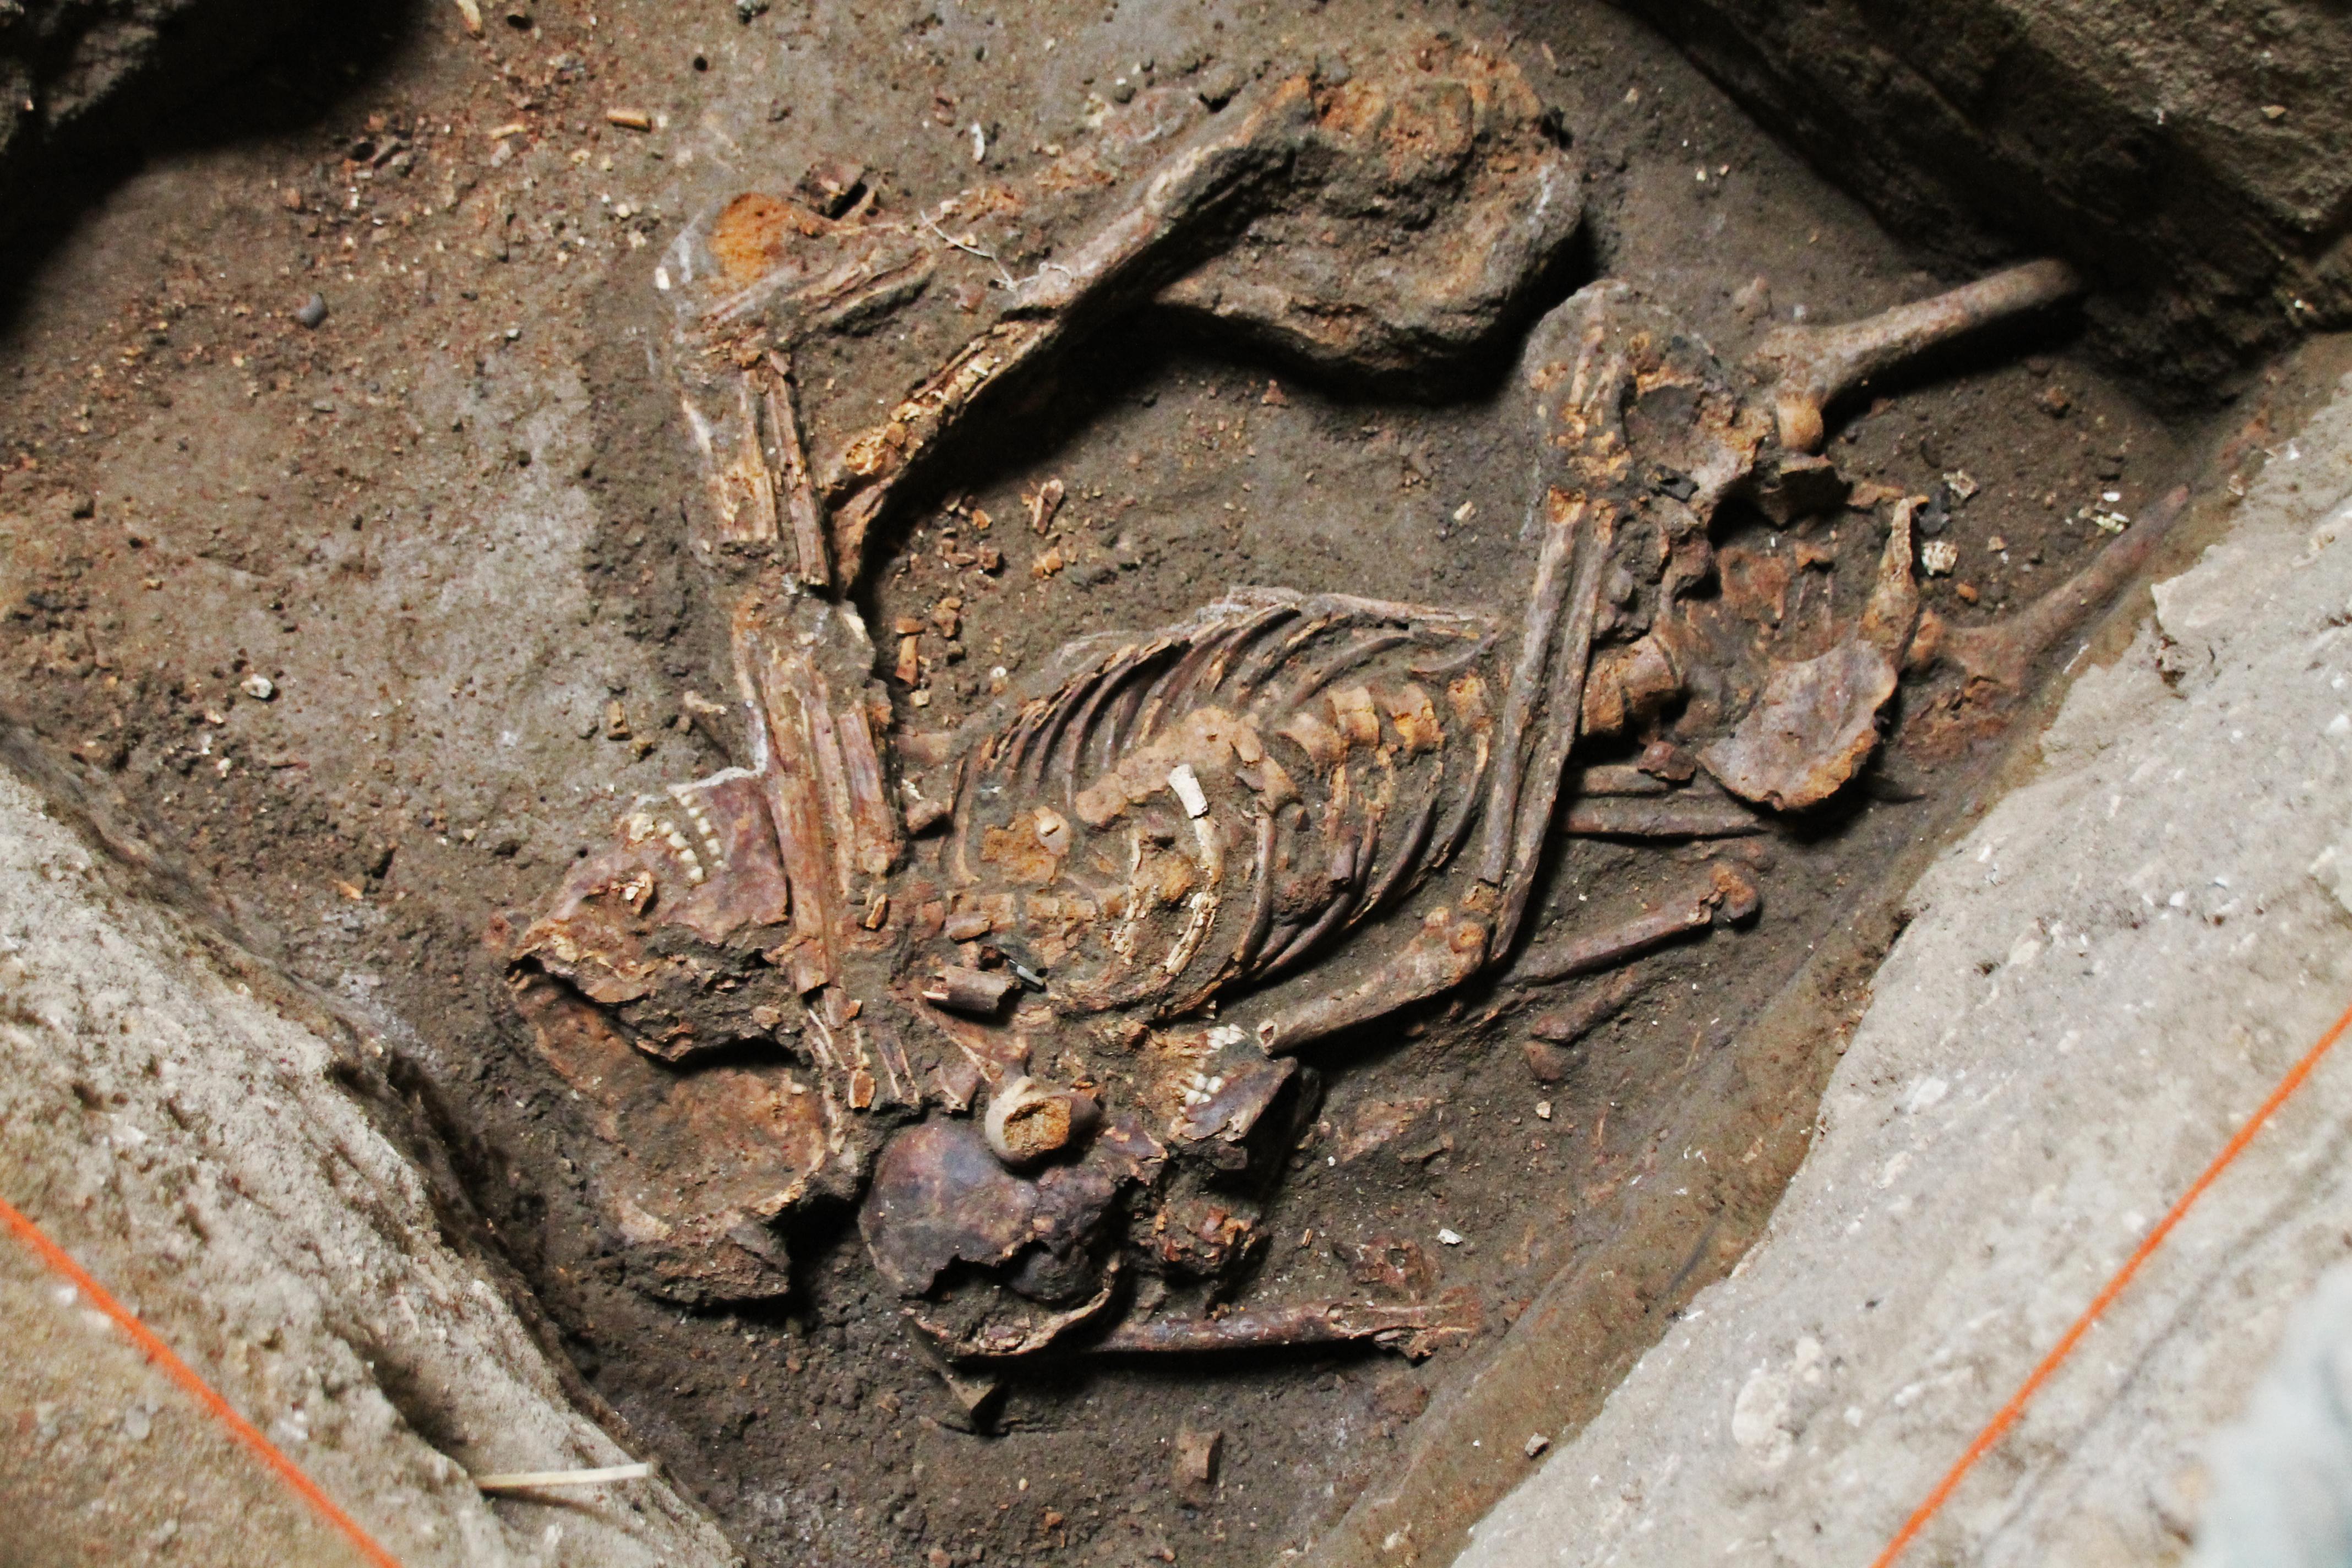 O ossada encontrada é de uma mulher e recebeu o nome de Josefina Bakhita, em homenagem à primeira santa africana da Igreja Católica. Arqueólogos estimam que ela morreu com aproximadamente 20 anos, no início do século 19